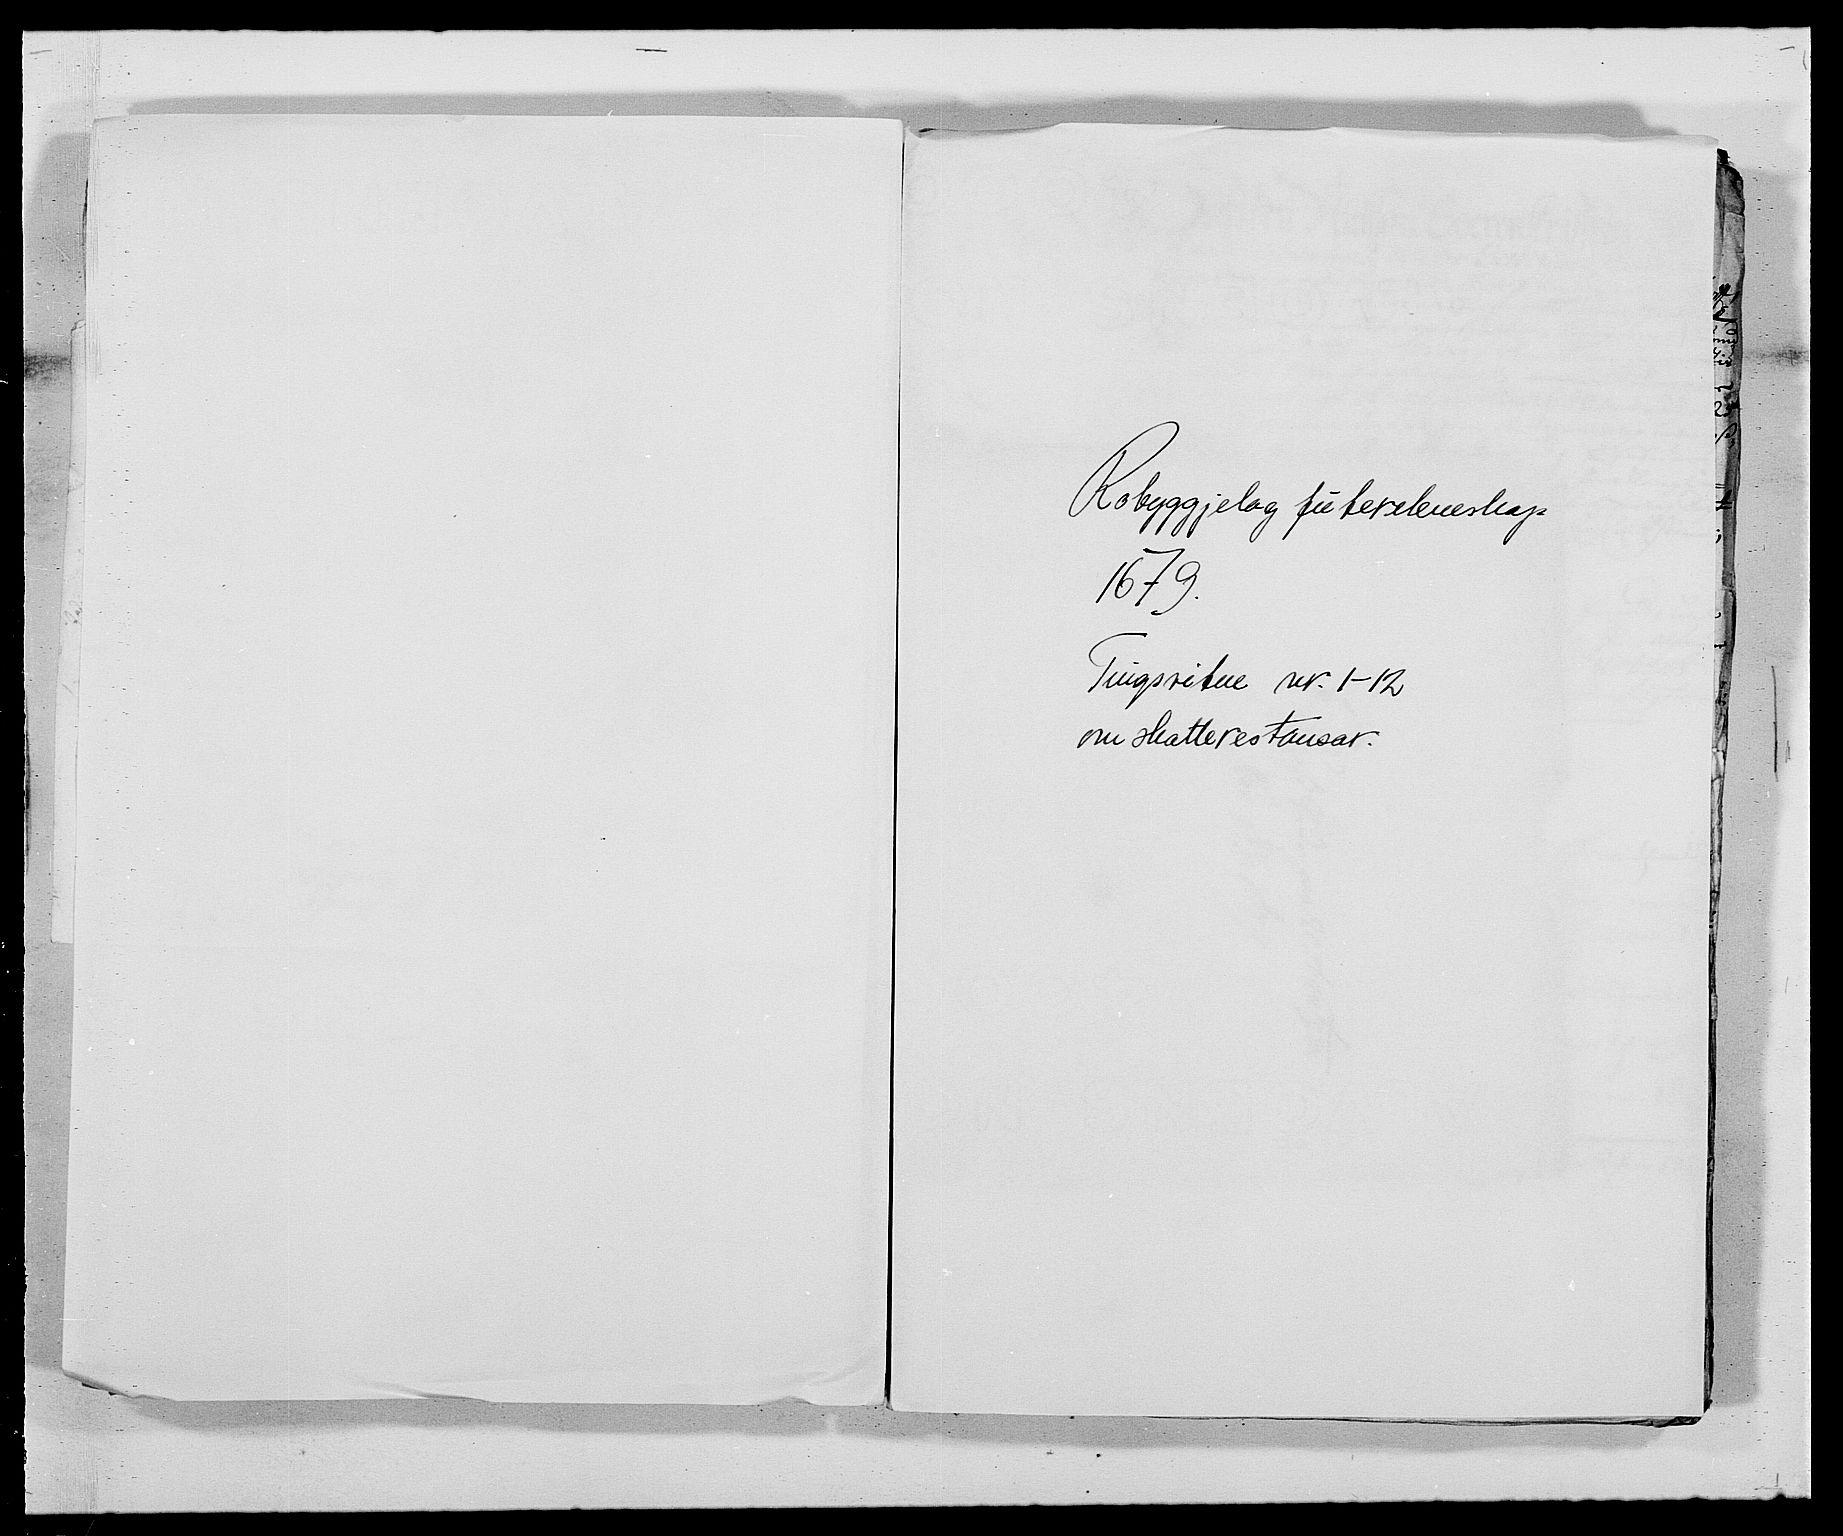 RA, Rentekammeret inntil 1814, Reviderte regnskaper, Fogderegnskap, R40/L2436: Fogderegnskap Råbyggelag, 1679-1680, s. 122